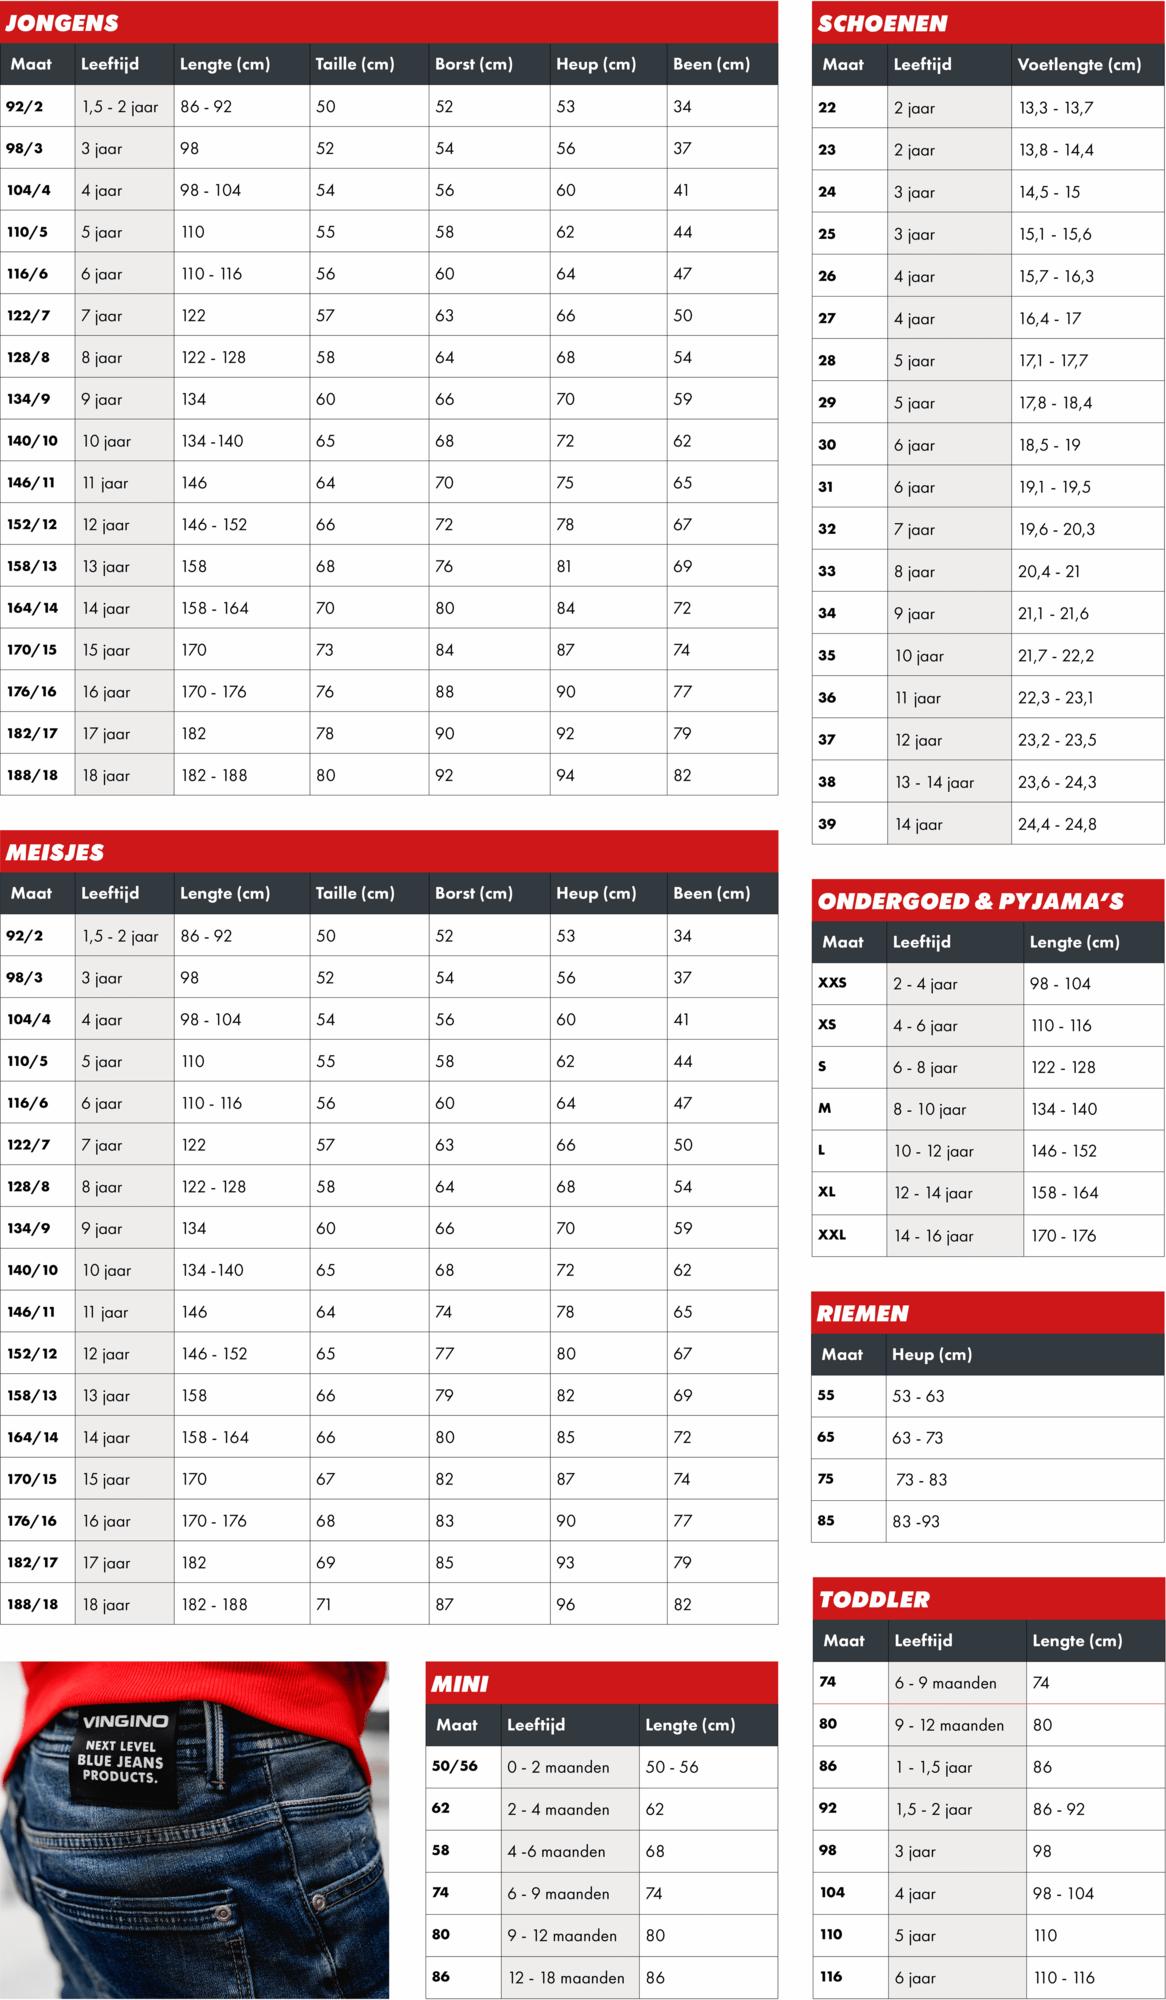 SIZECHART-DESKTOP-ALGEMEEN-KIDS-NL-AW20-15v3bdN4Jv1E9s